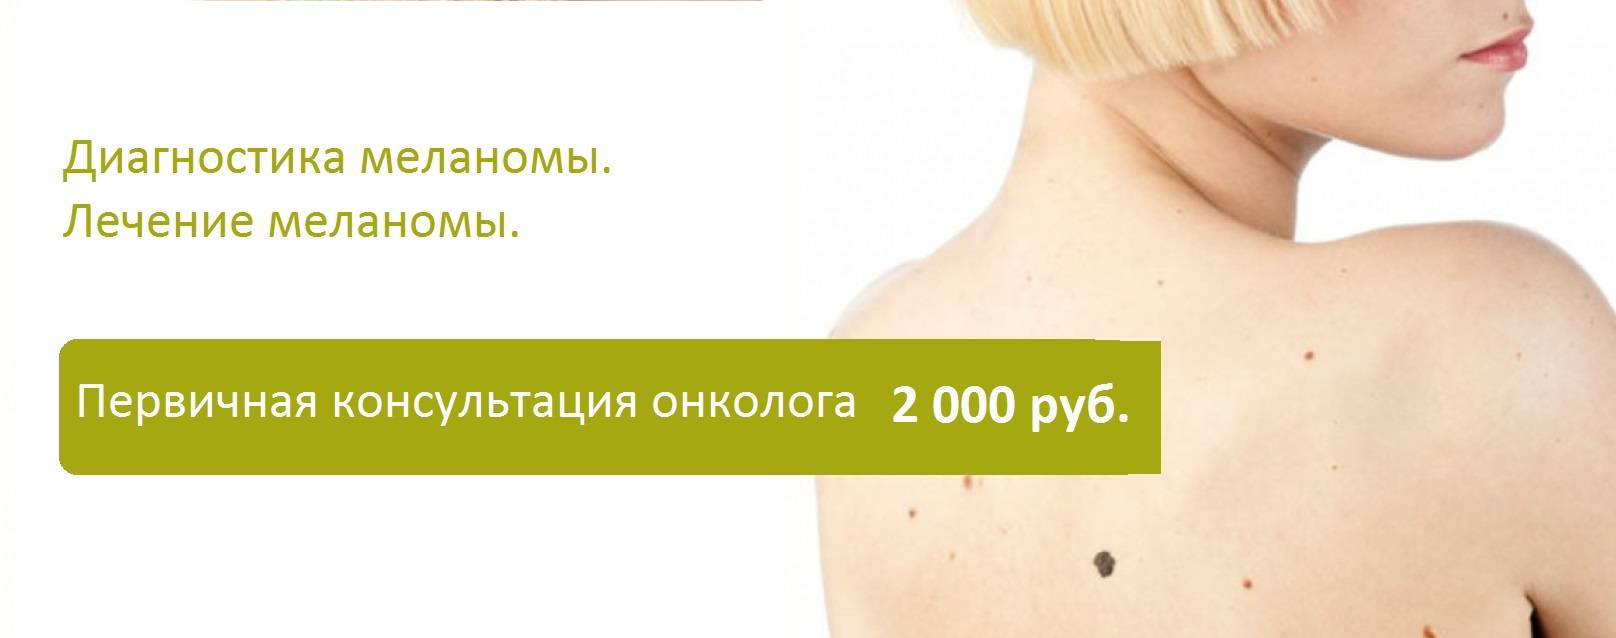 Меланома: признаки, классификация, диагностика, лечение, прогноз